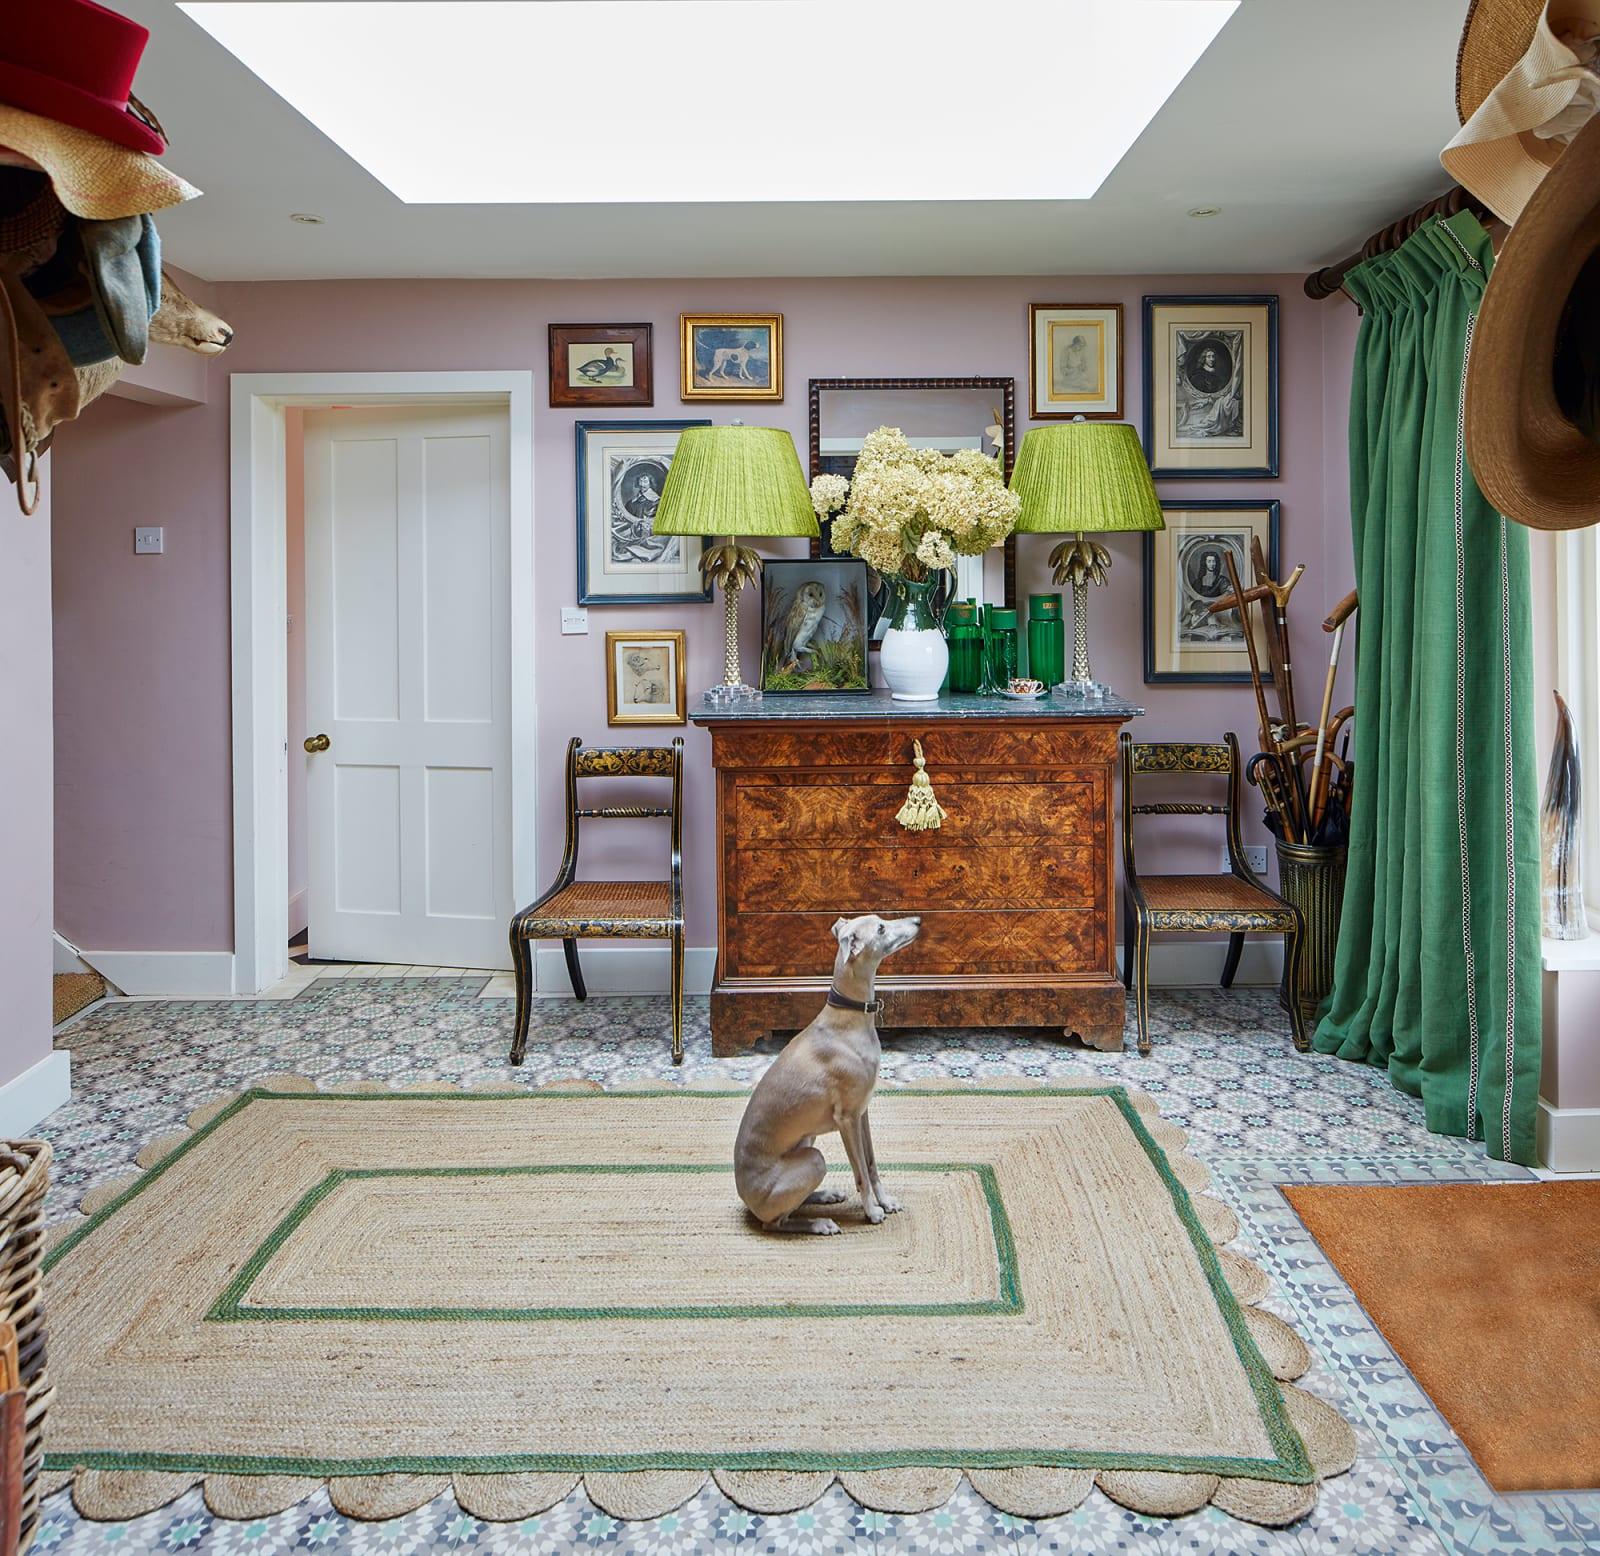 Studio - Haustiere